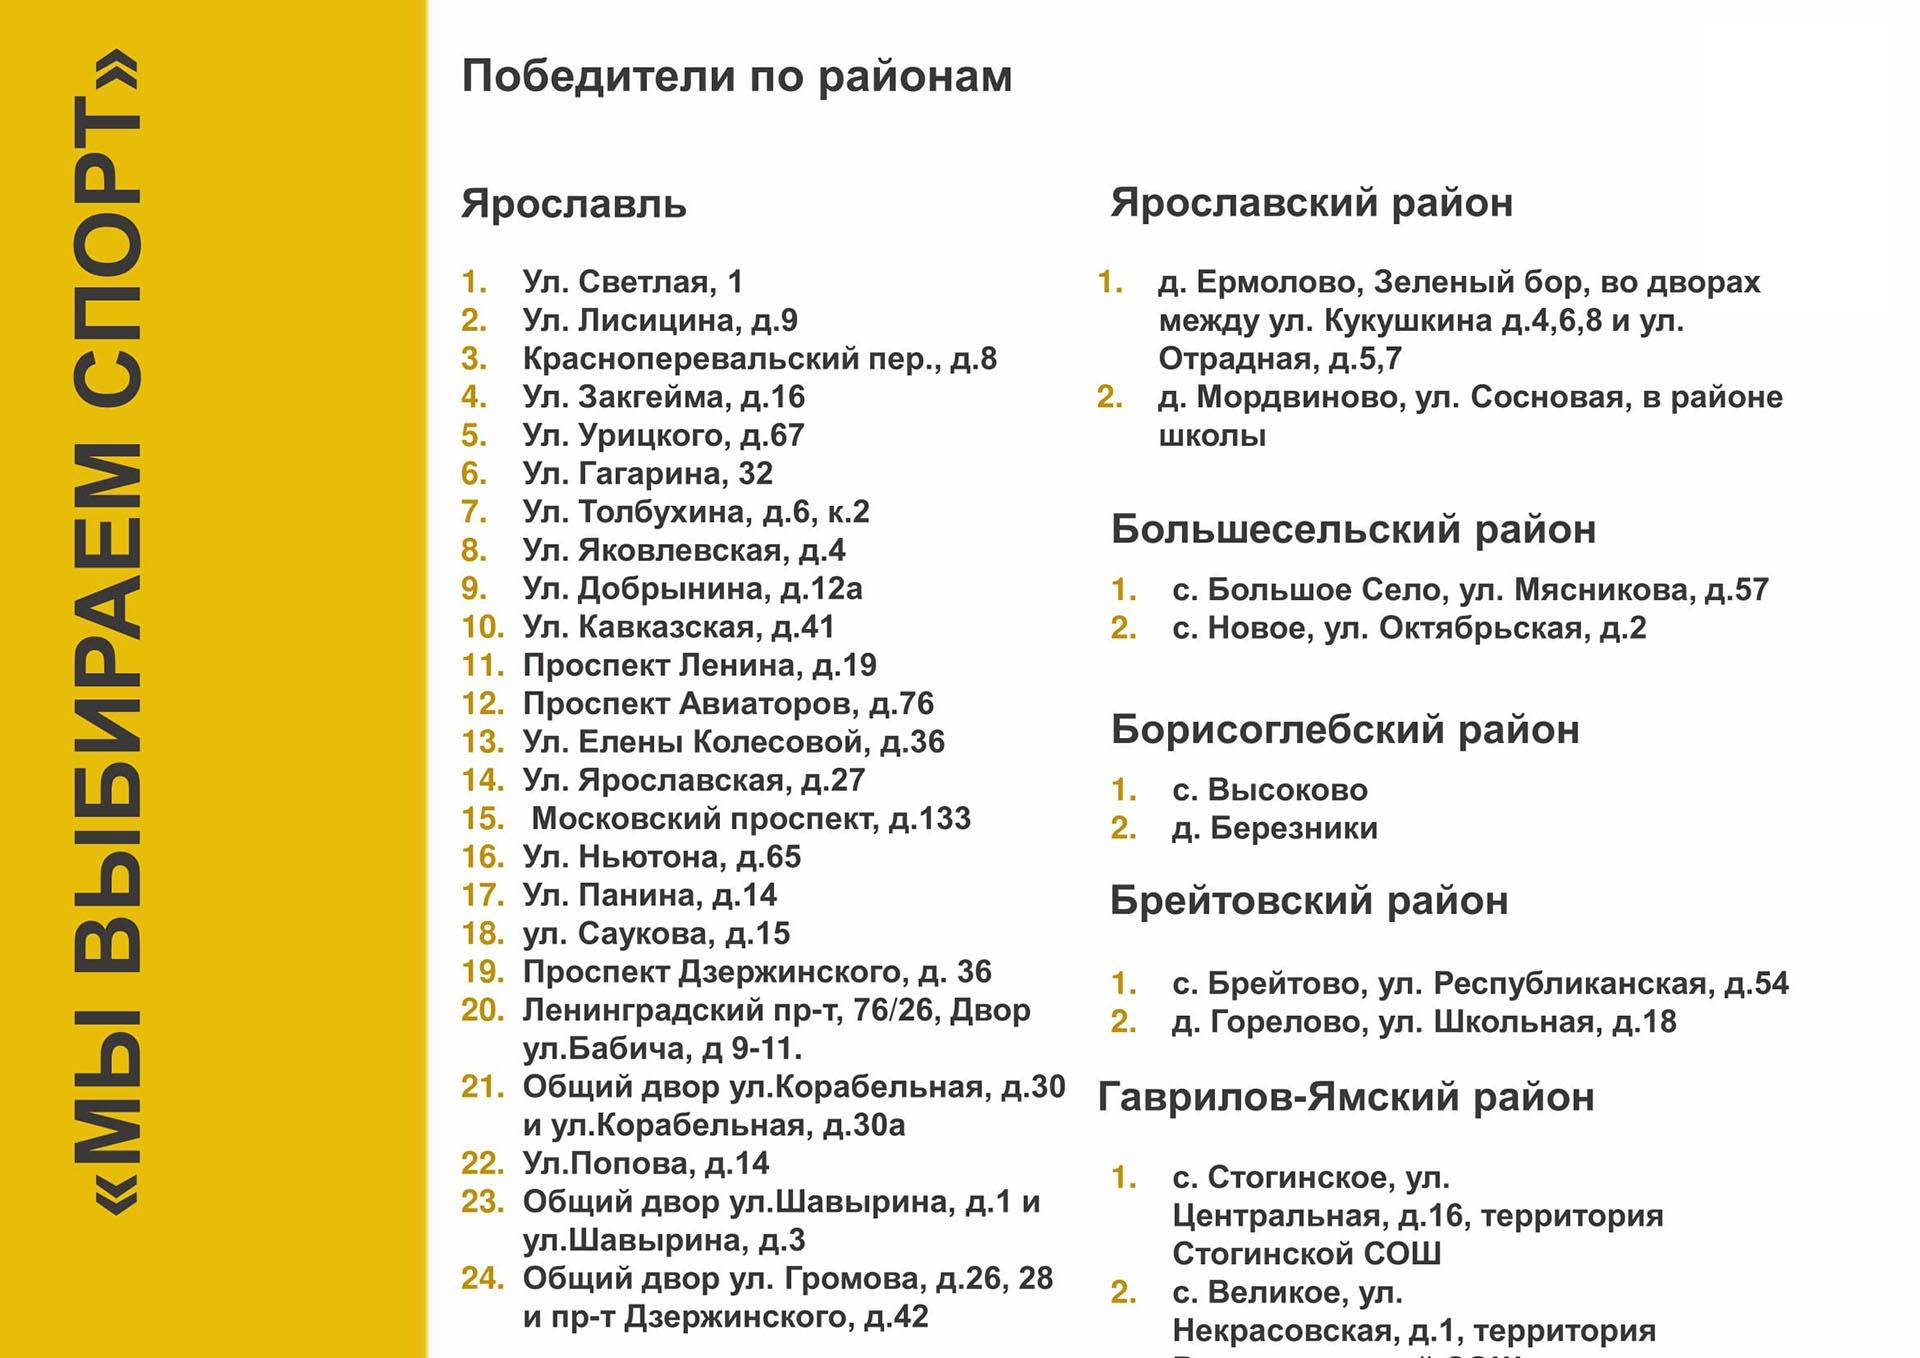 В Ярославле установят 24 новые площадки